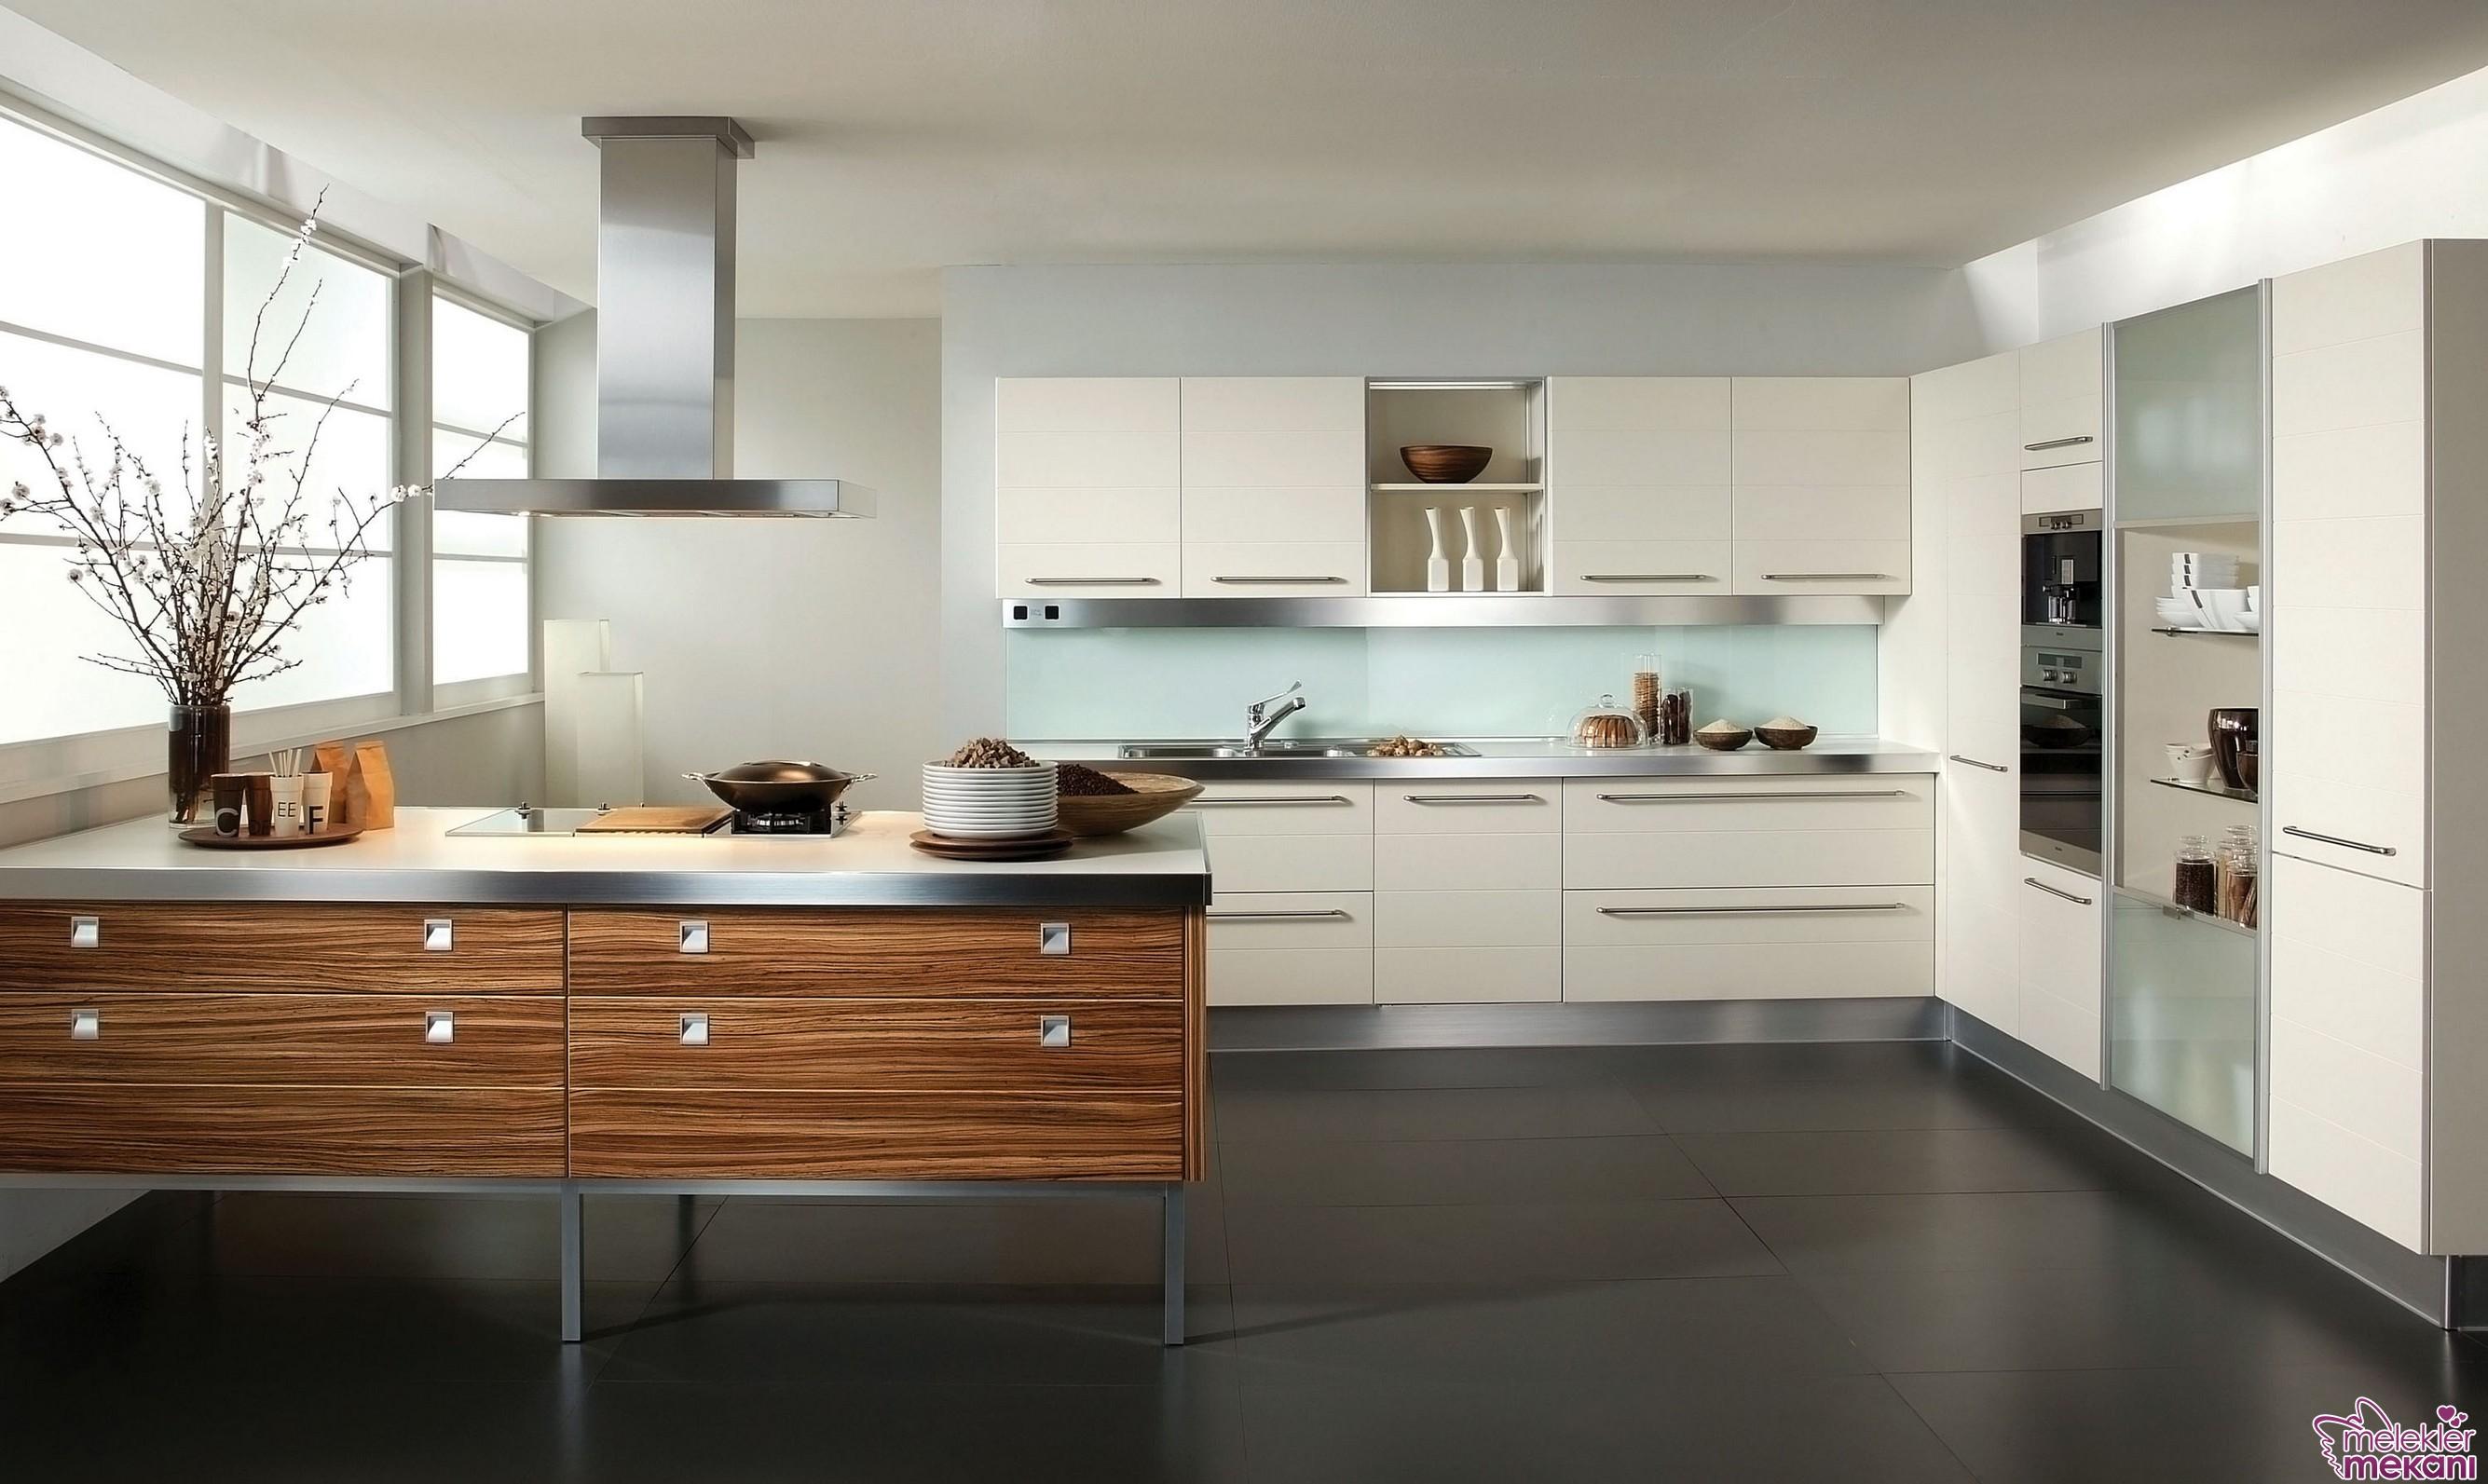 Mutfak dekorasyonlarınızda hazır mutfak modelleri tercihinde bulunabilirsiniz.